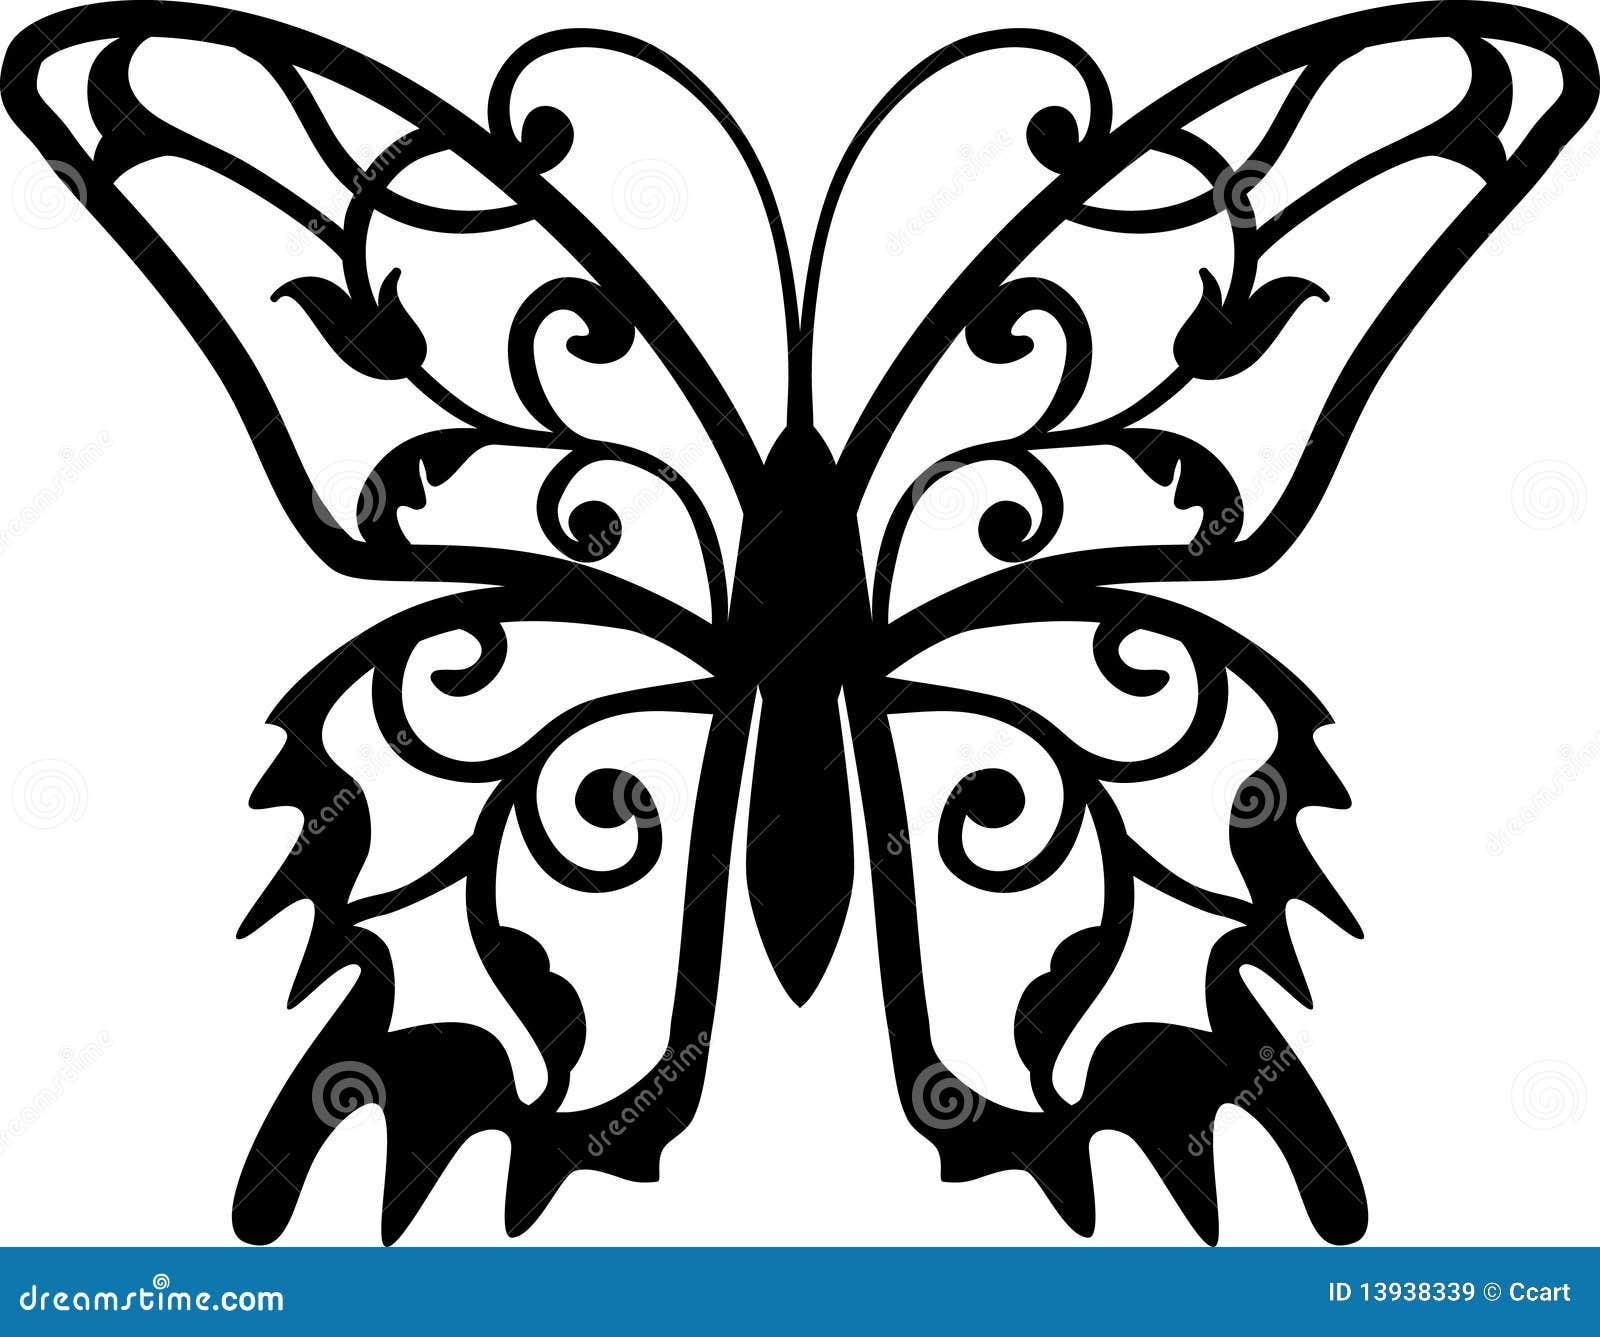 flower butterfly stencil